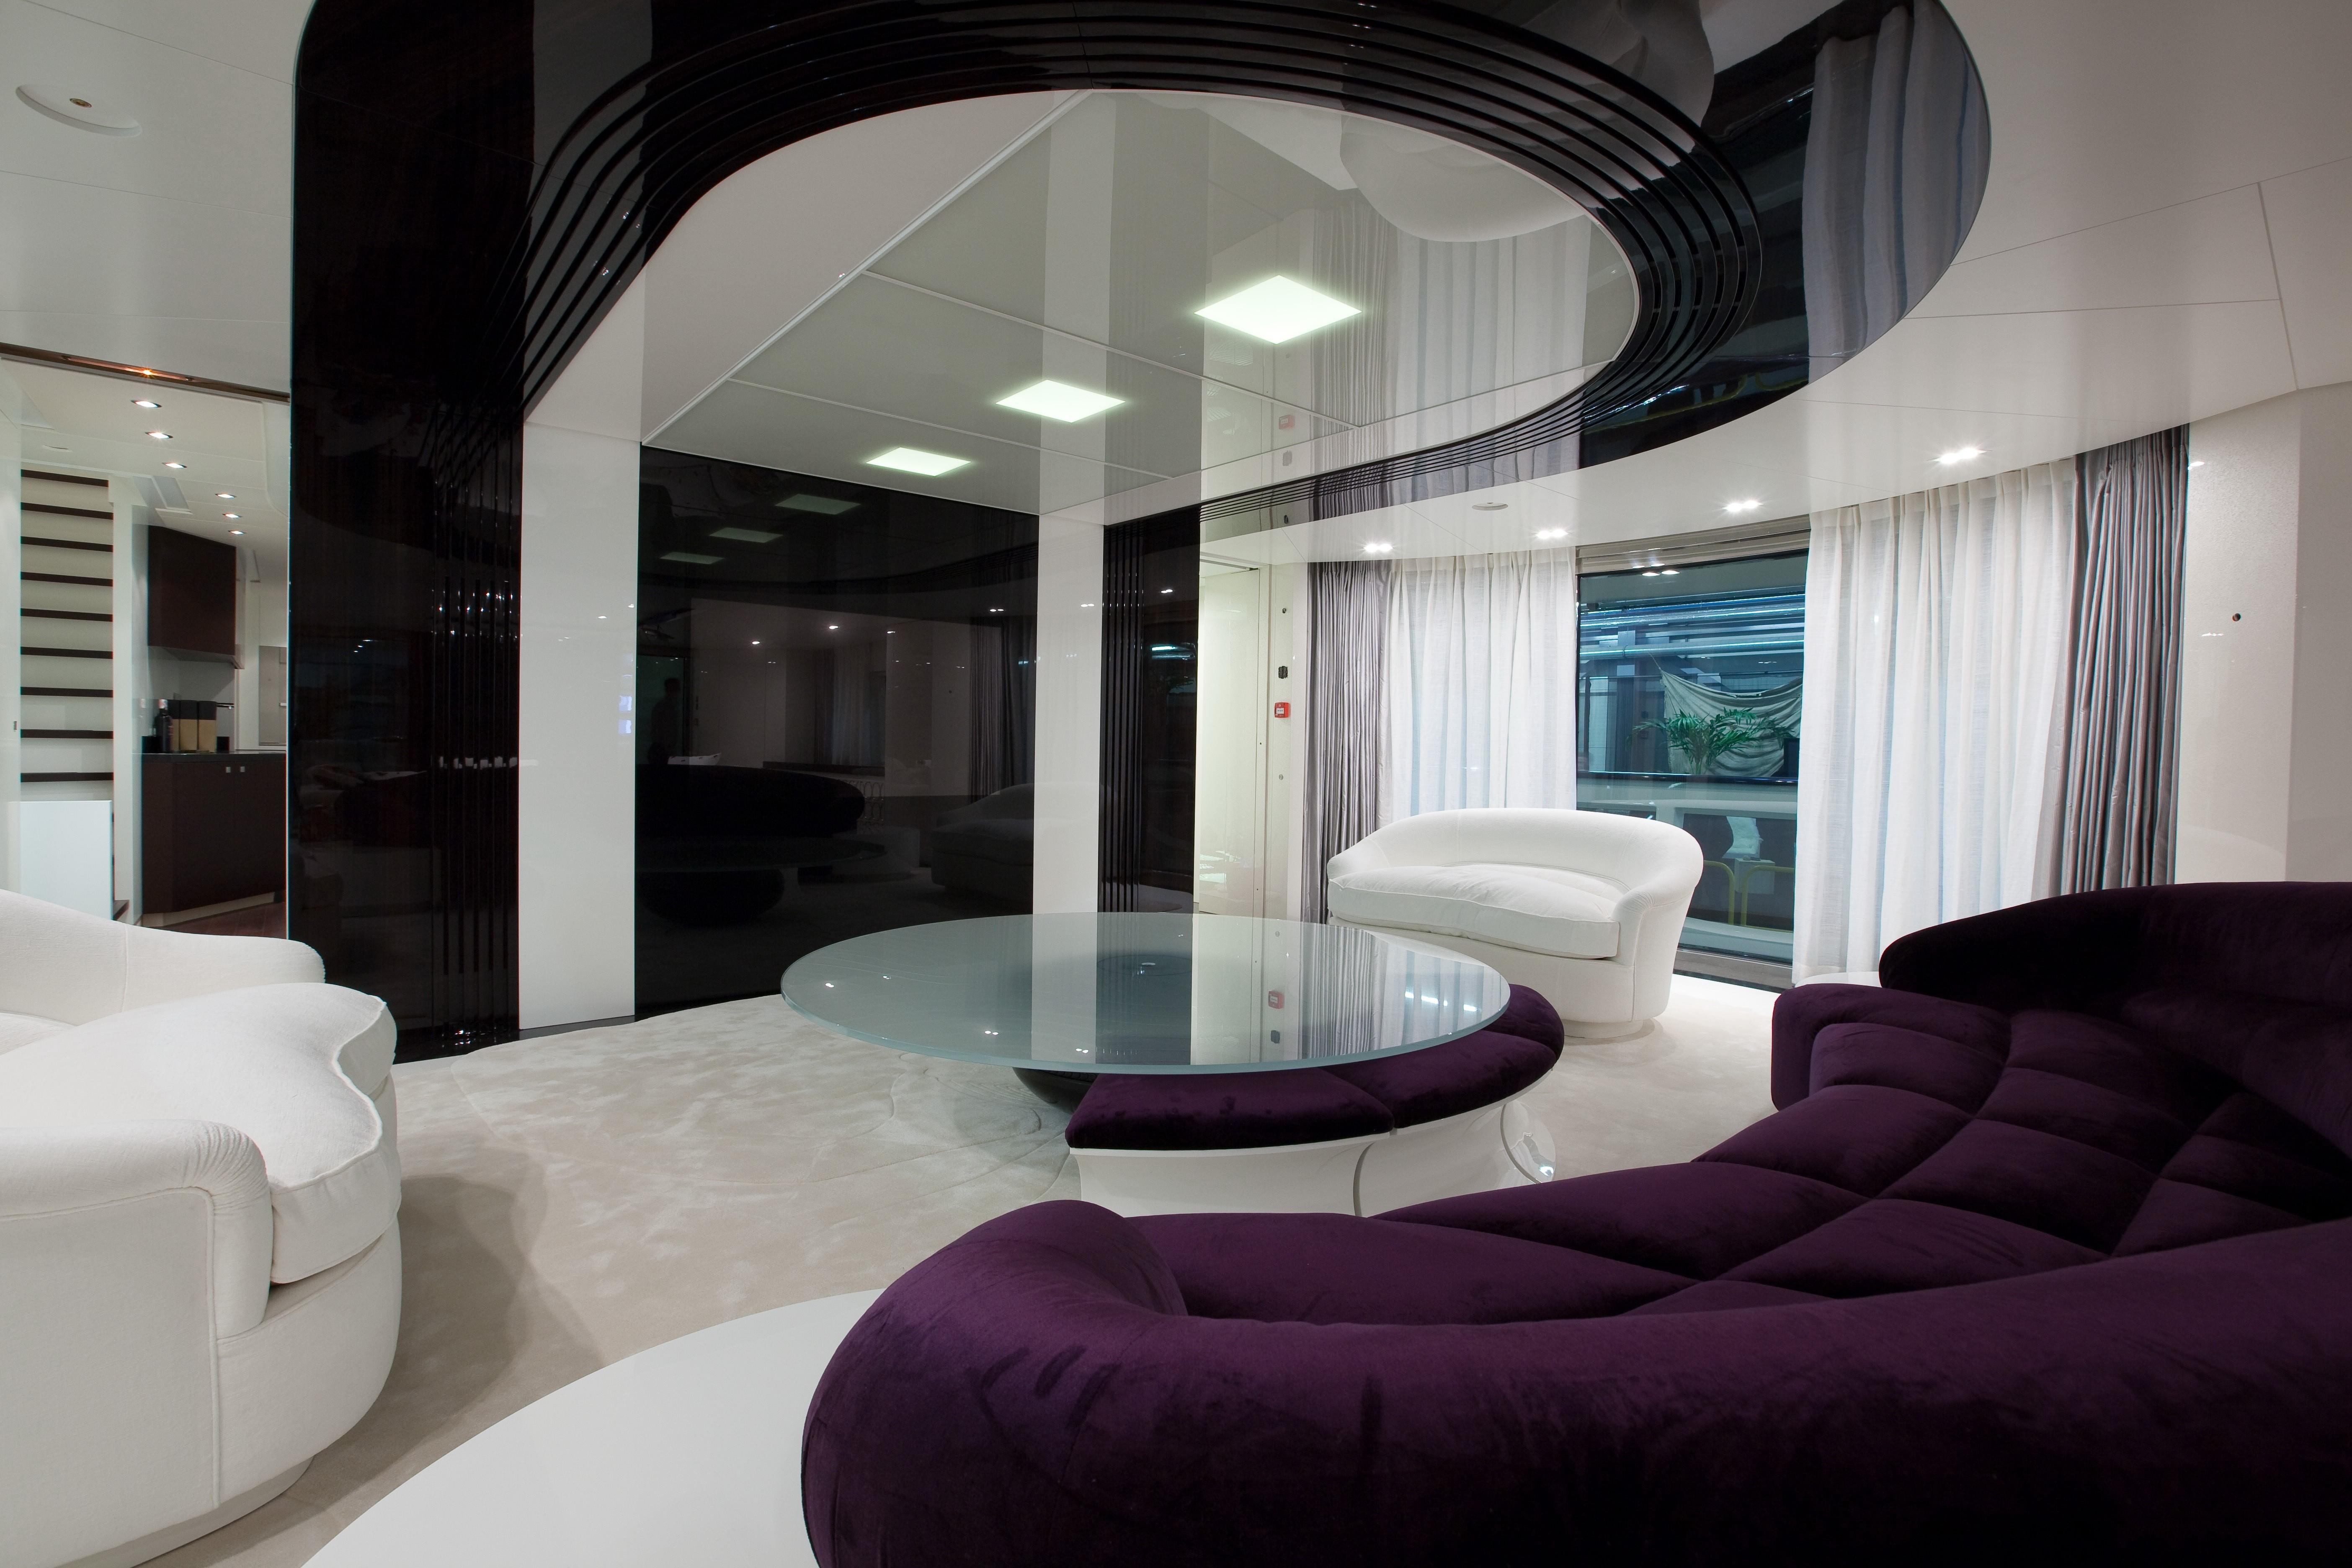 hintergrundbilder zimmer innere drinnen modern yacht innenarchitektur wohnzimmer. Black Bedroom Furniture Sets. Home Design Ideas